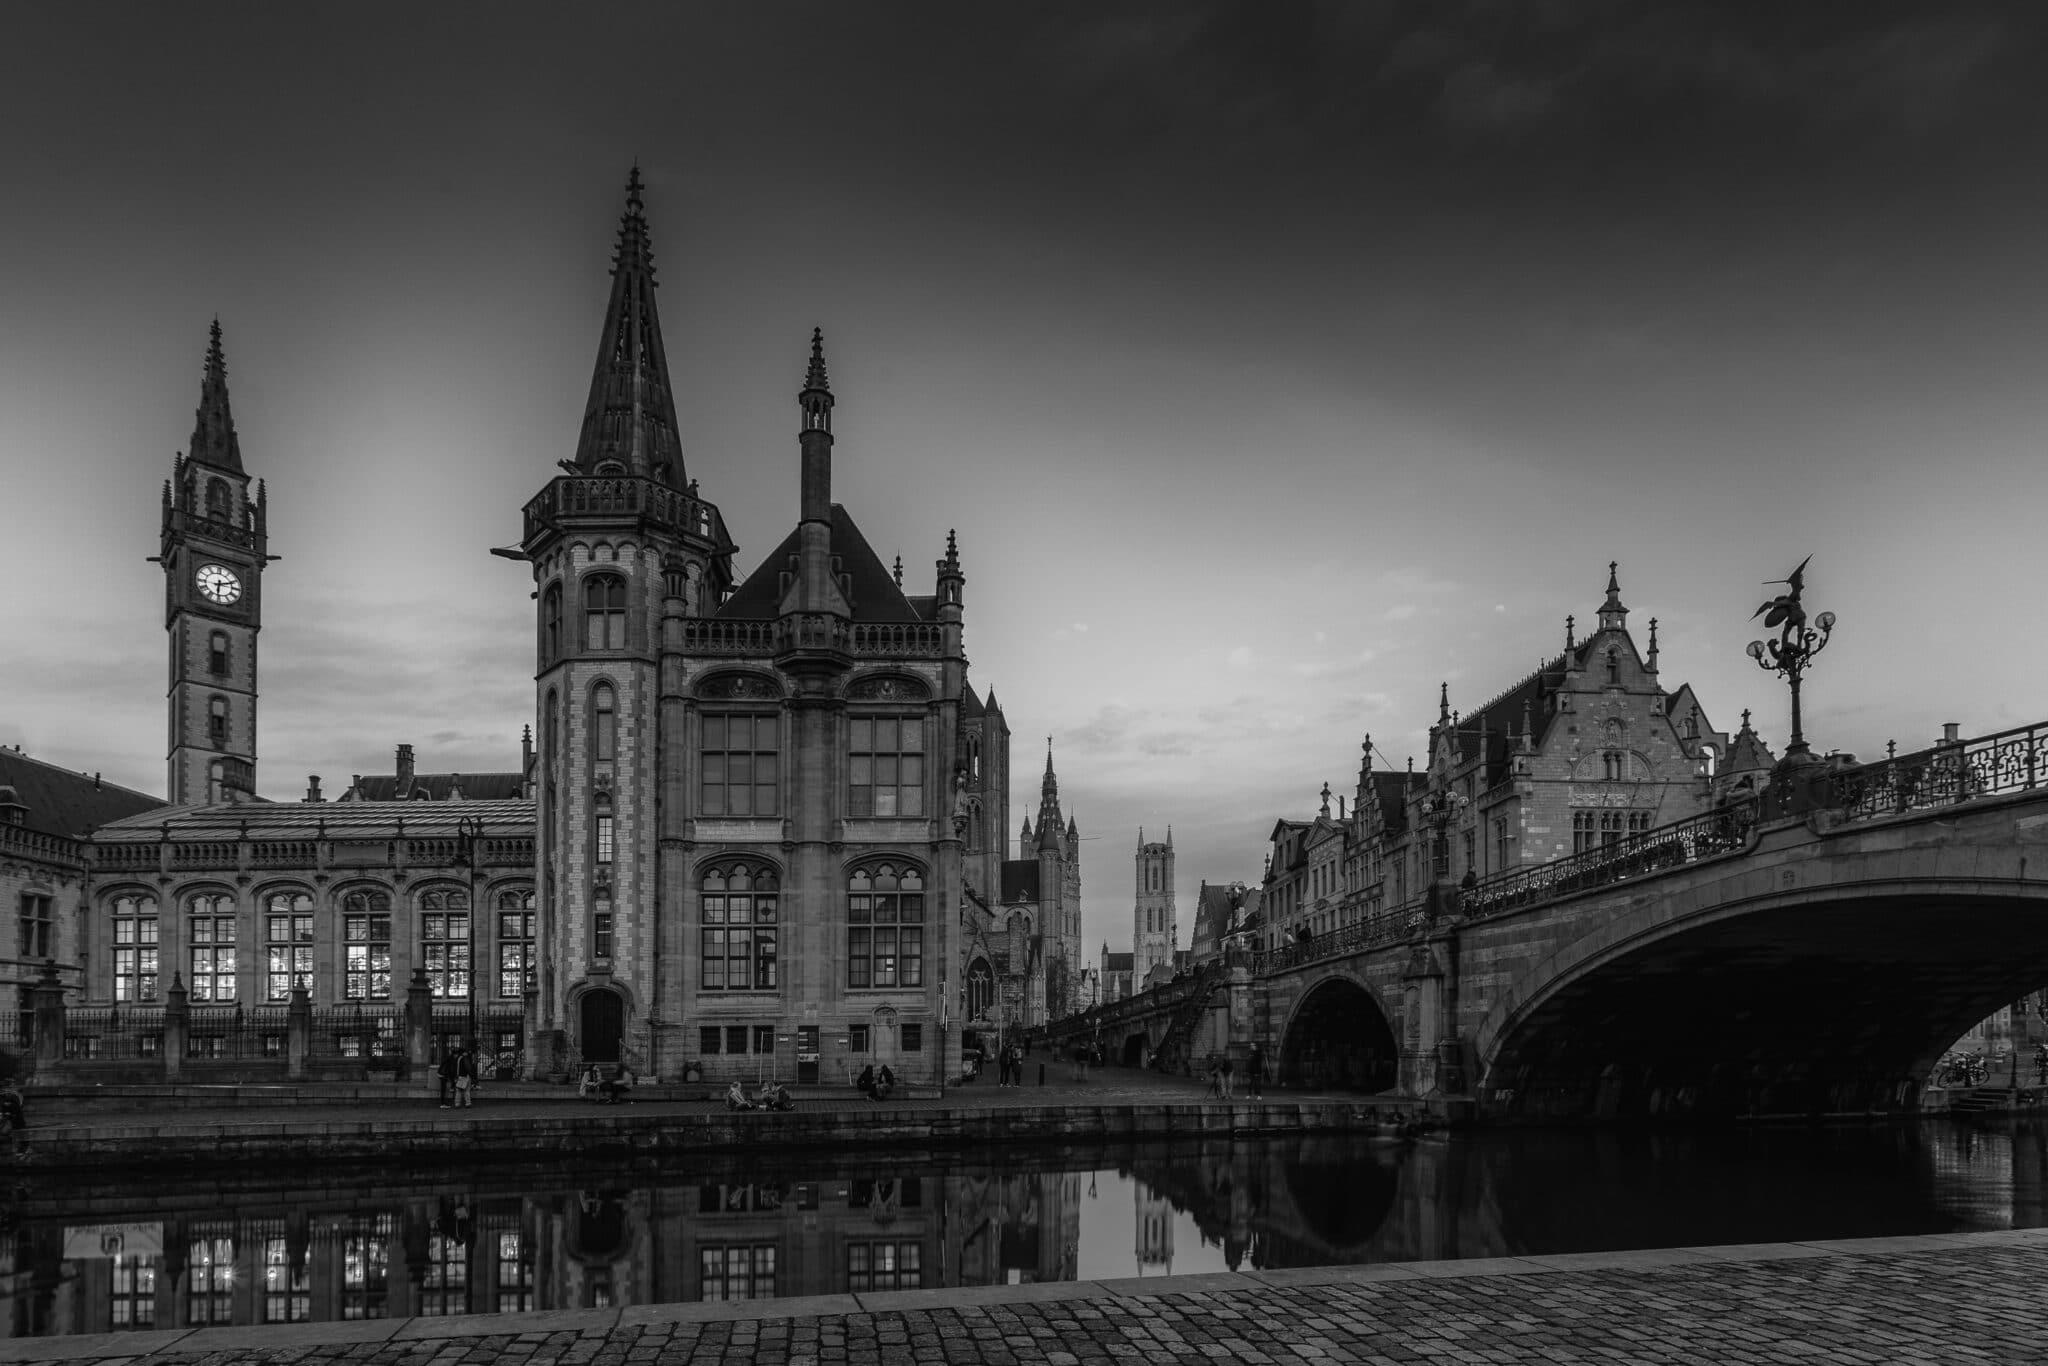 Cityscape - Gent by Night - GrasLei - Fotografie Krist